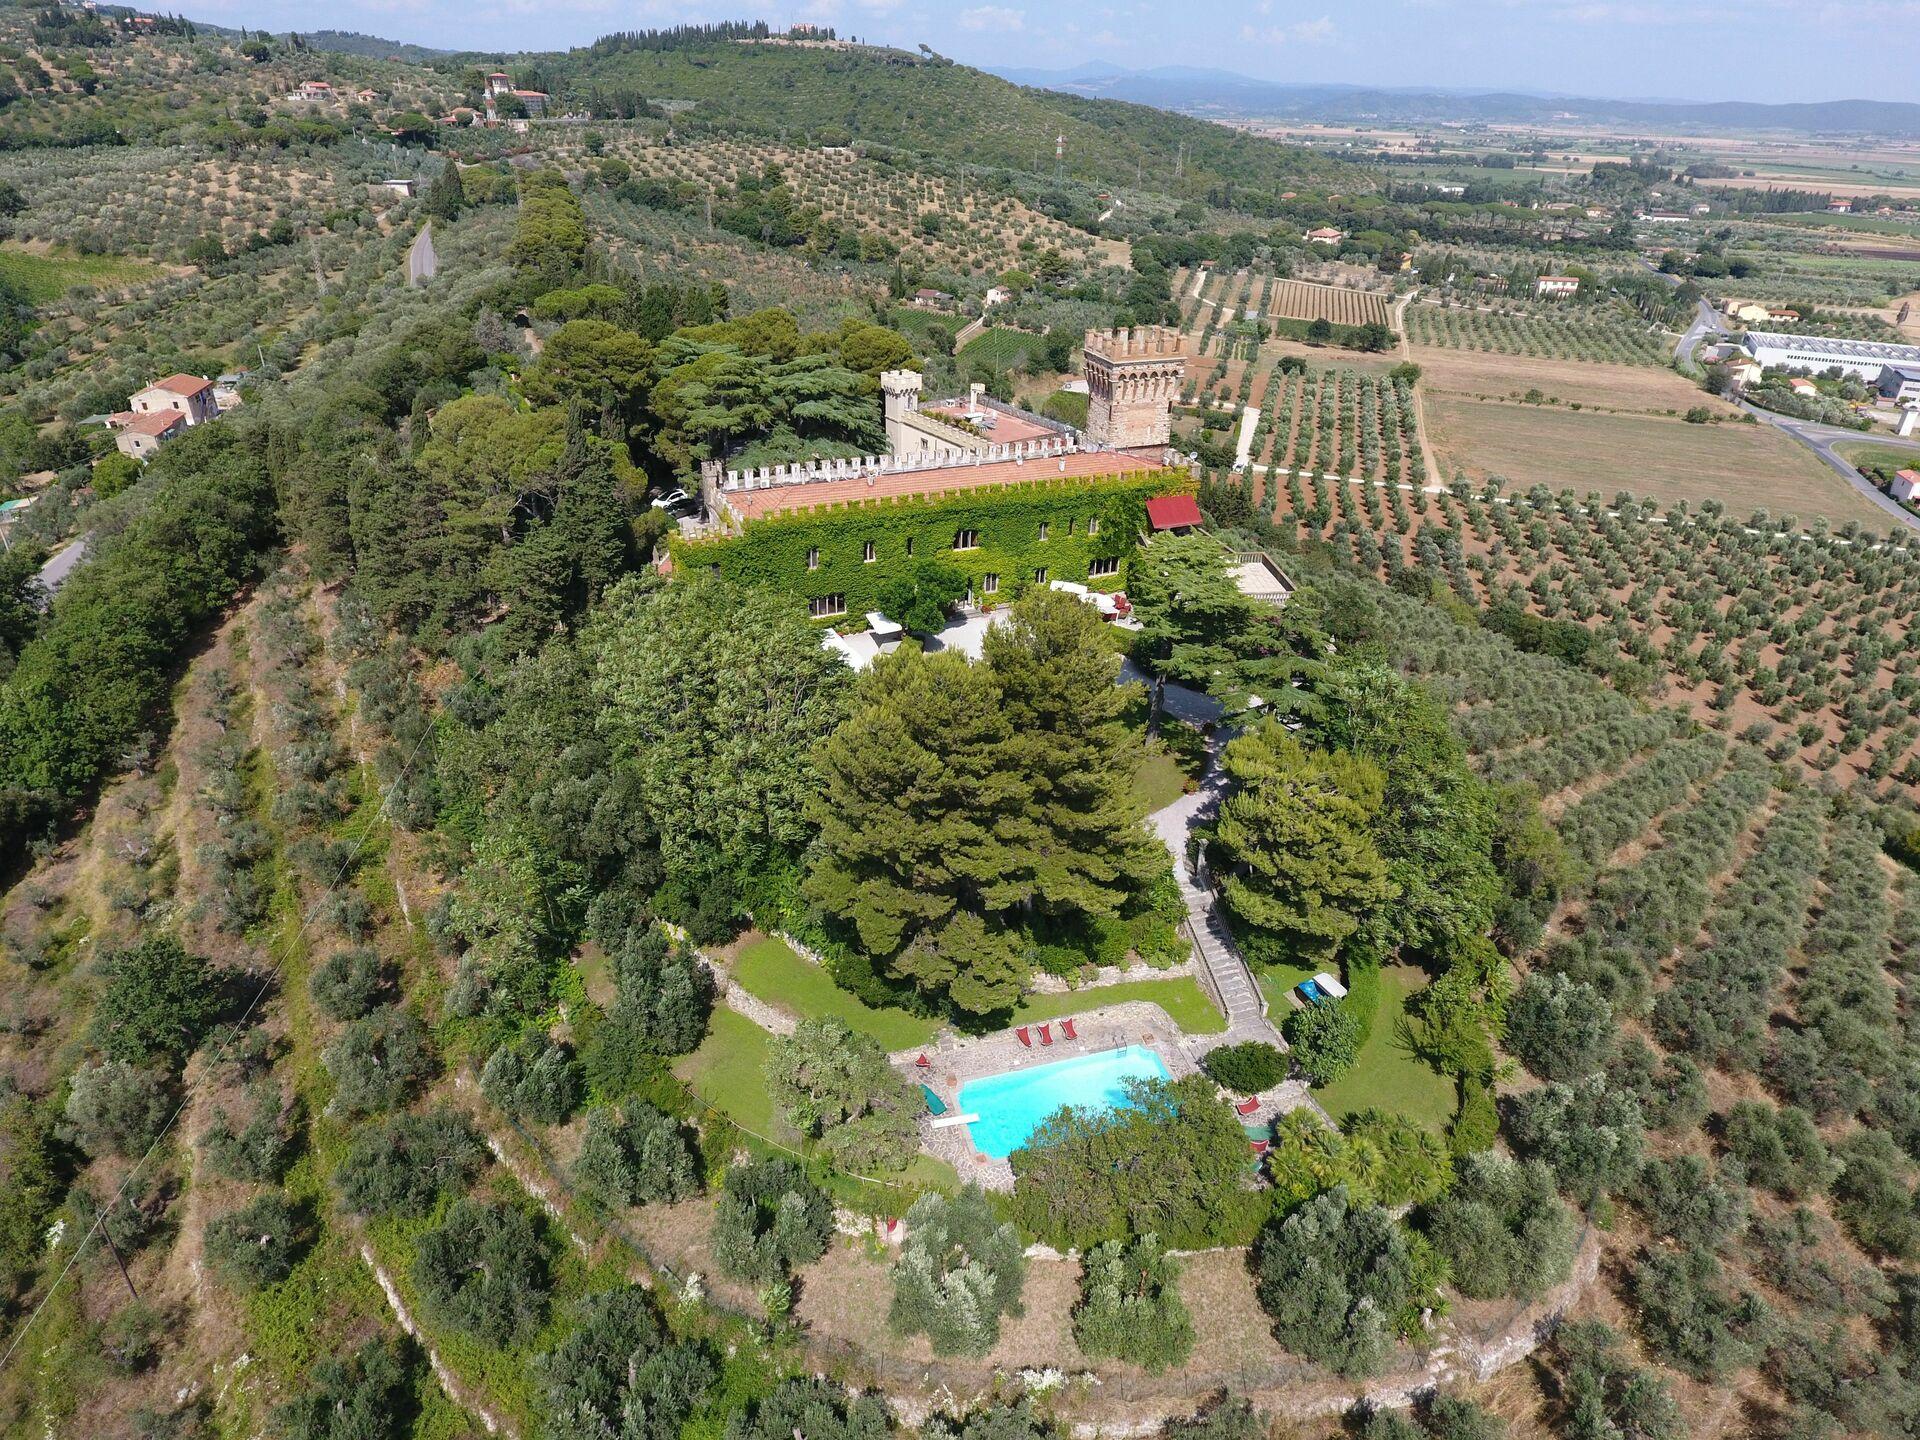 Ricevimenti Matrimoni Toscana : Castello in toscana per matrimoni e ricevimenti